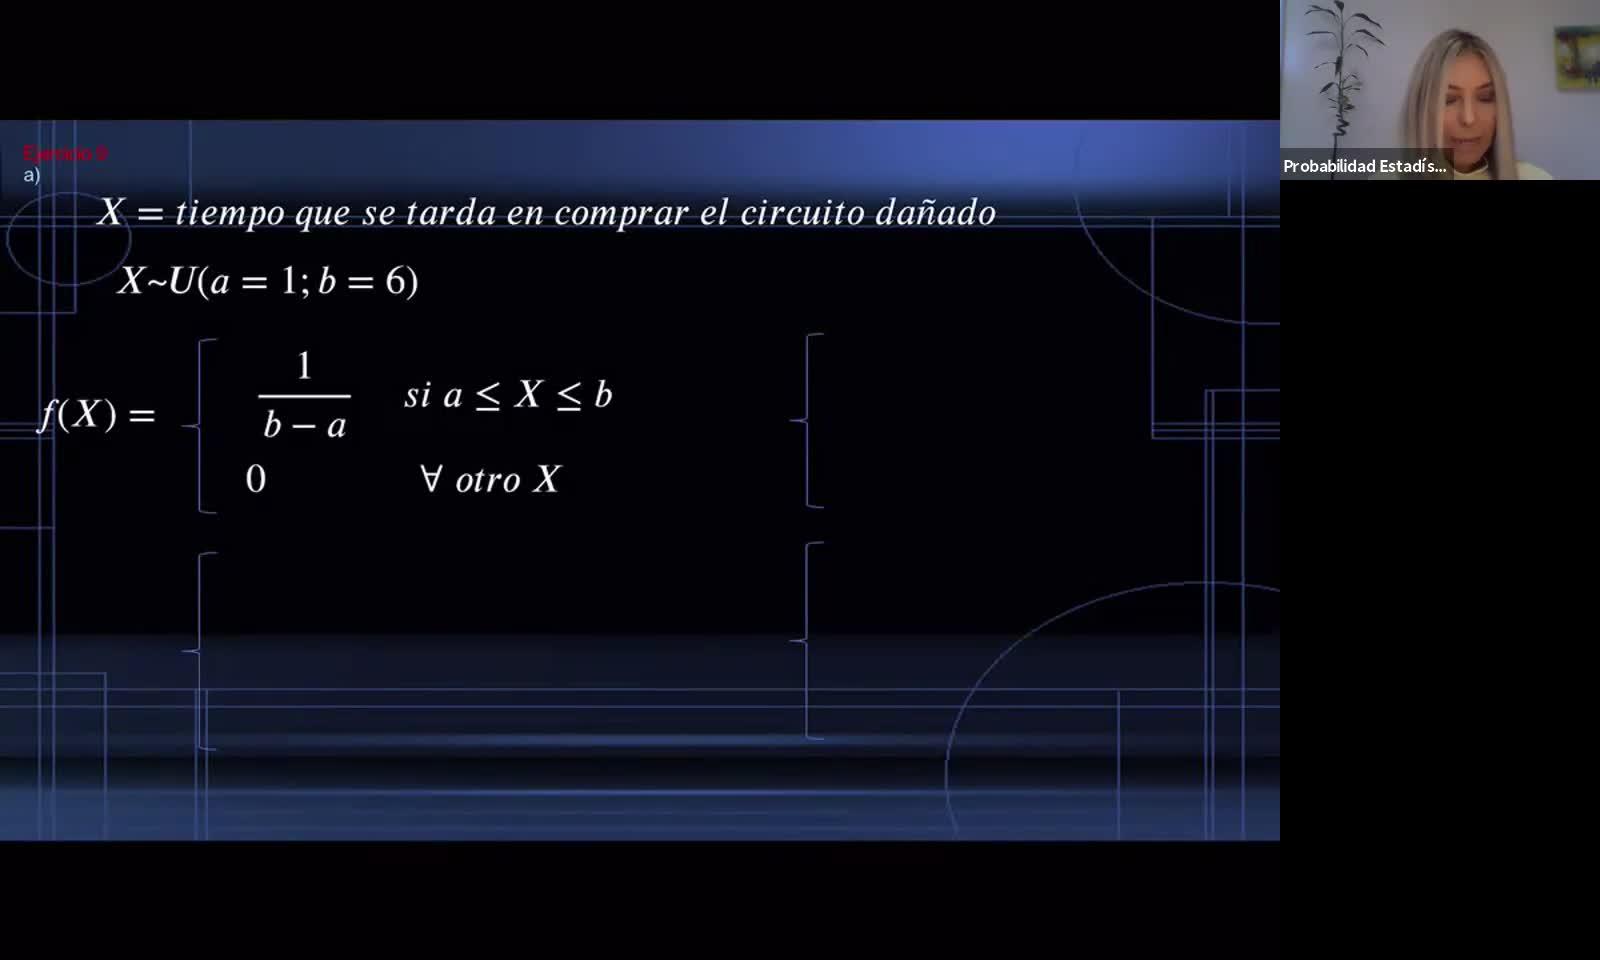 INGENIERÍA, Probabilidad y Estadística, TP 3 parte 2, Variable Aleatoria Continua, Práctica, Prof. Haique